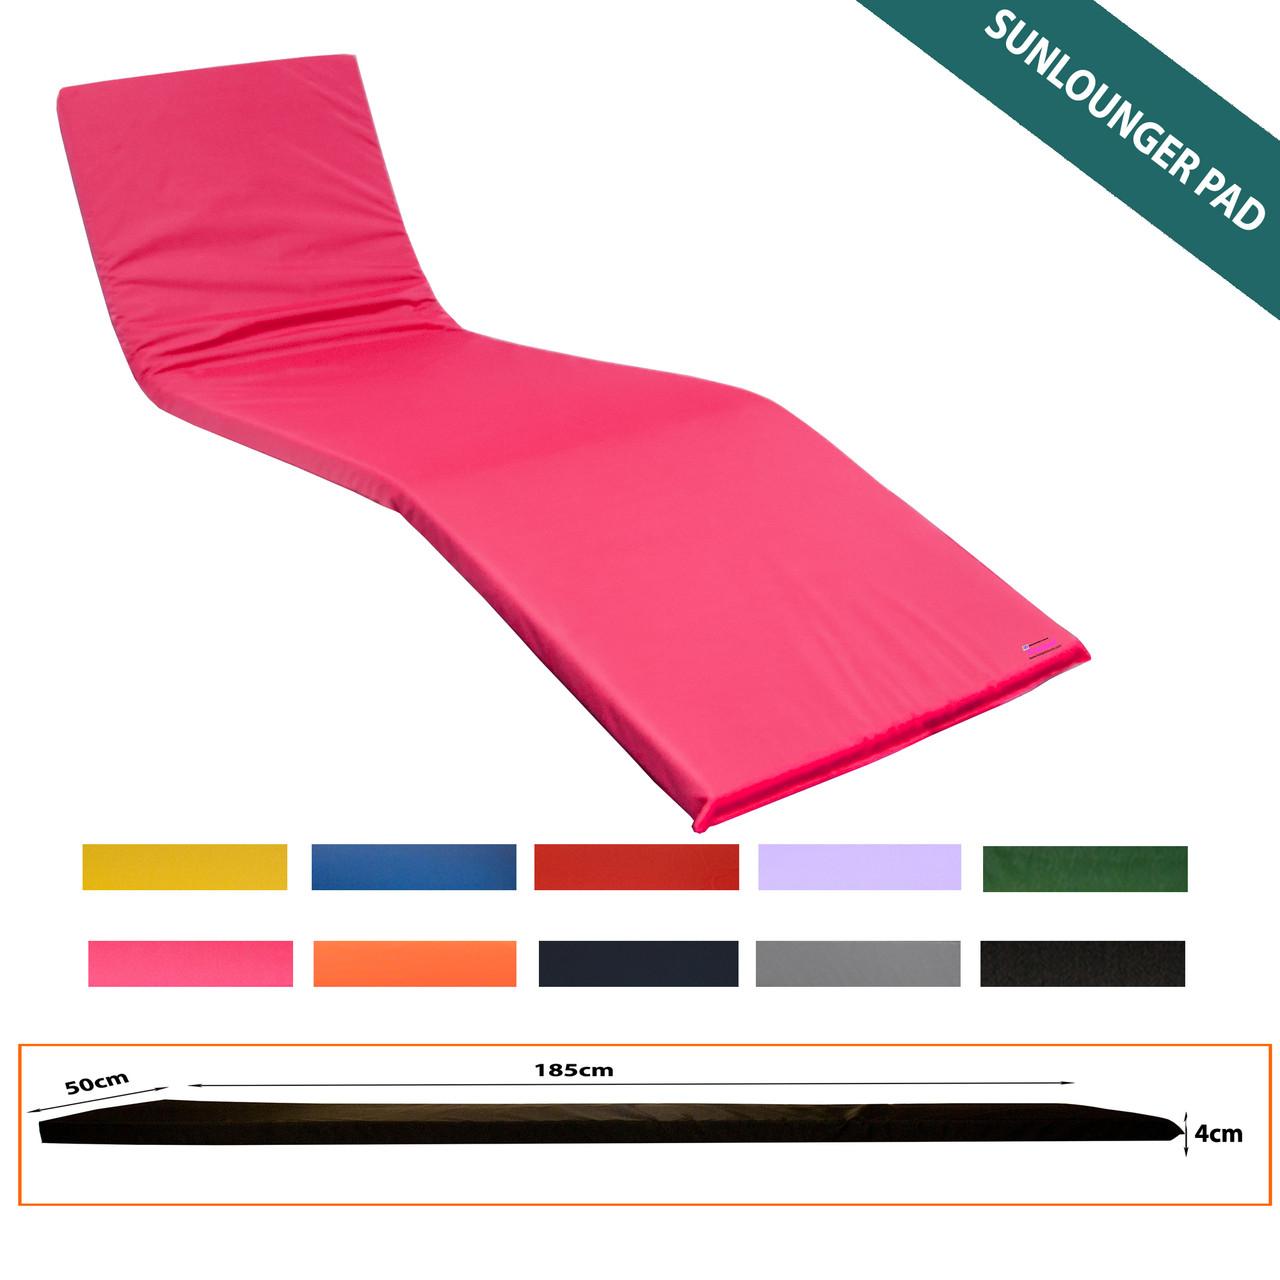 KosiPad Waterproof sun lounger mattress Pink